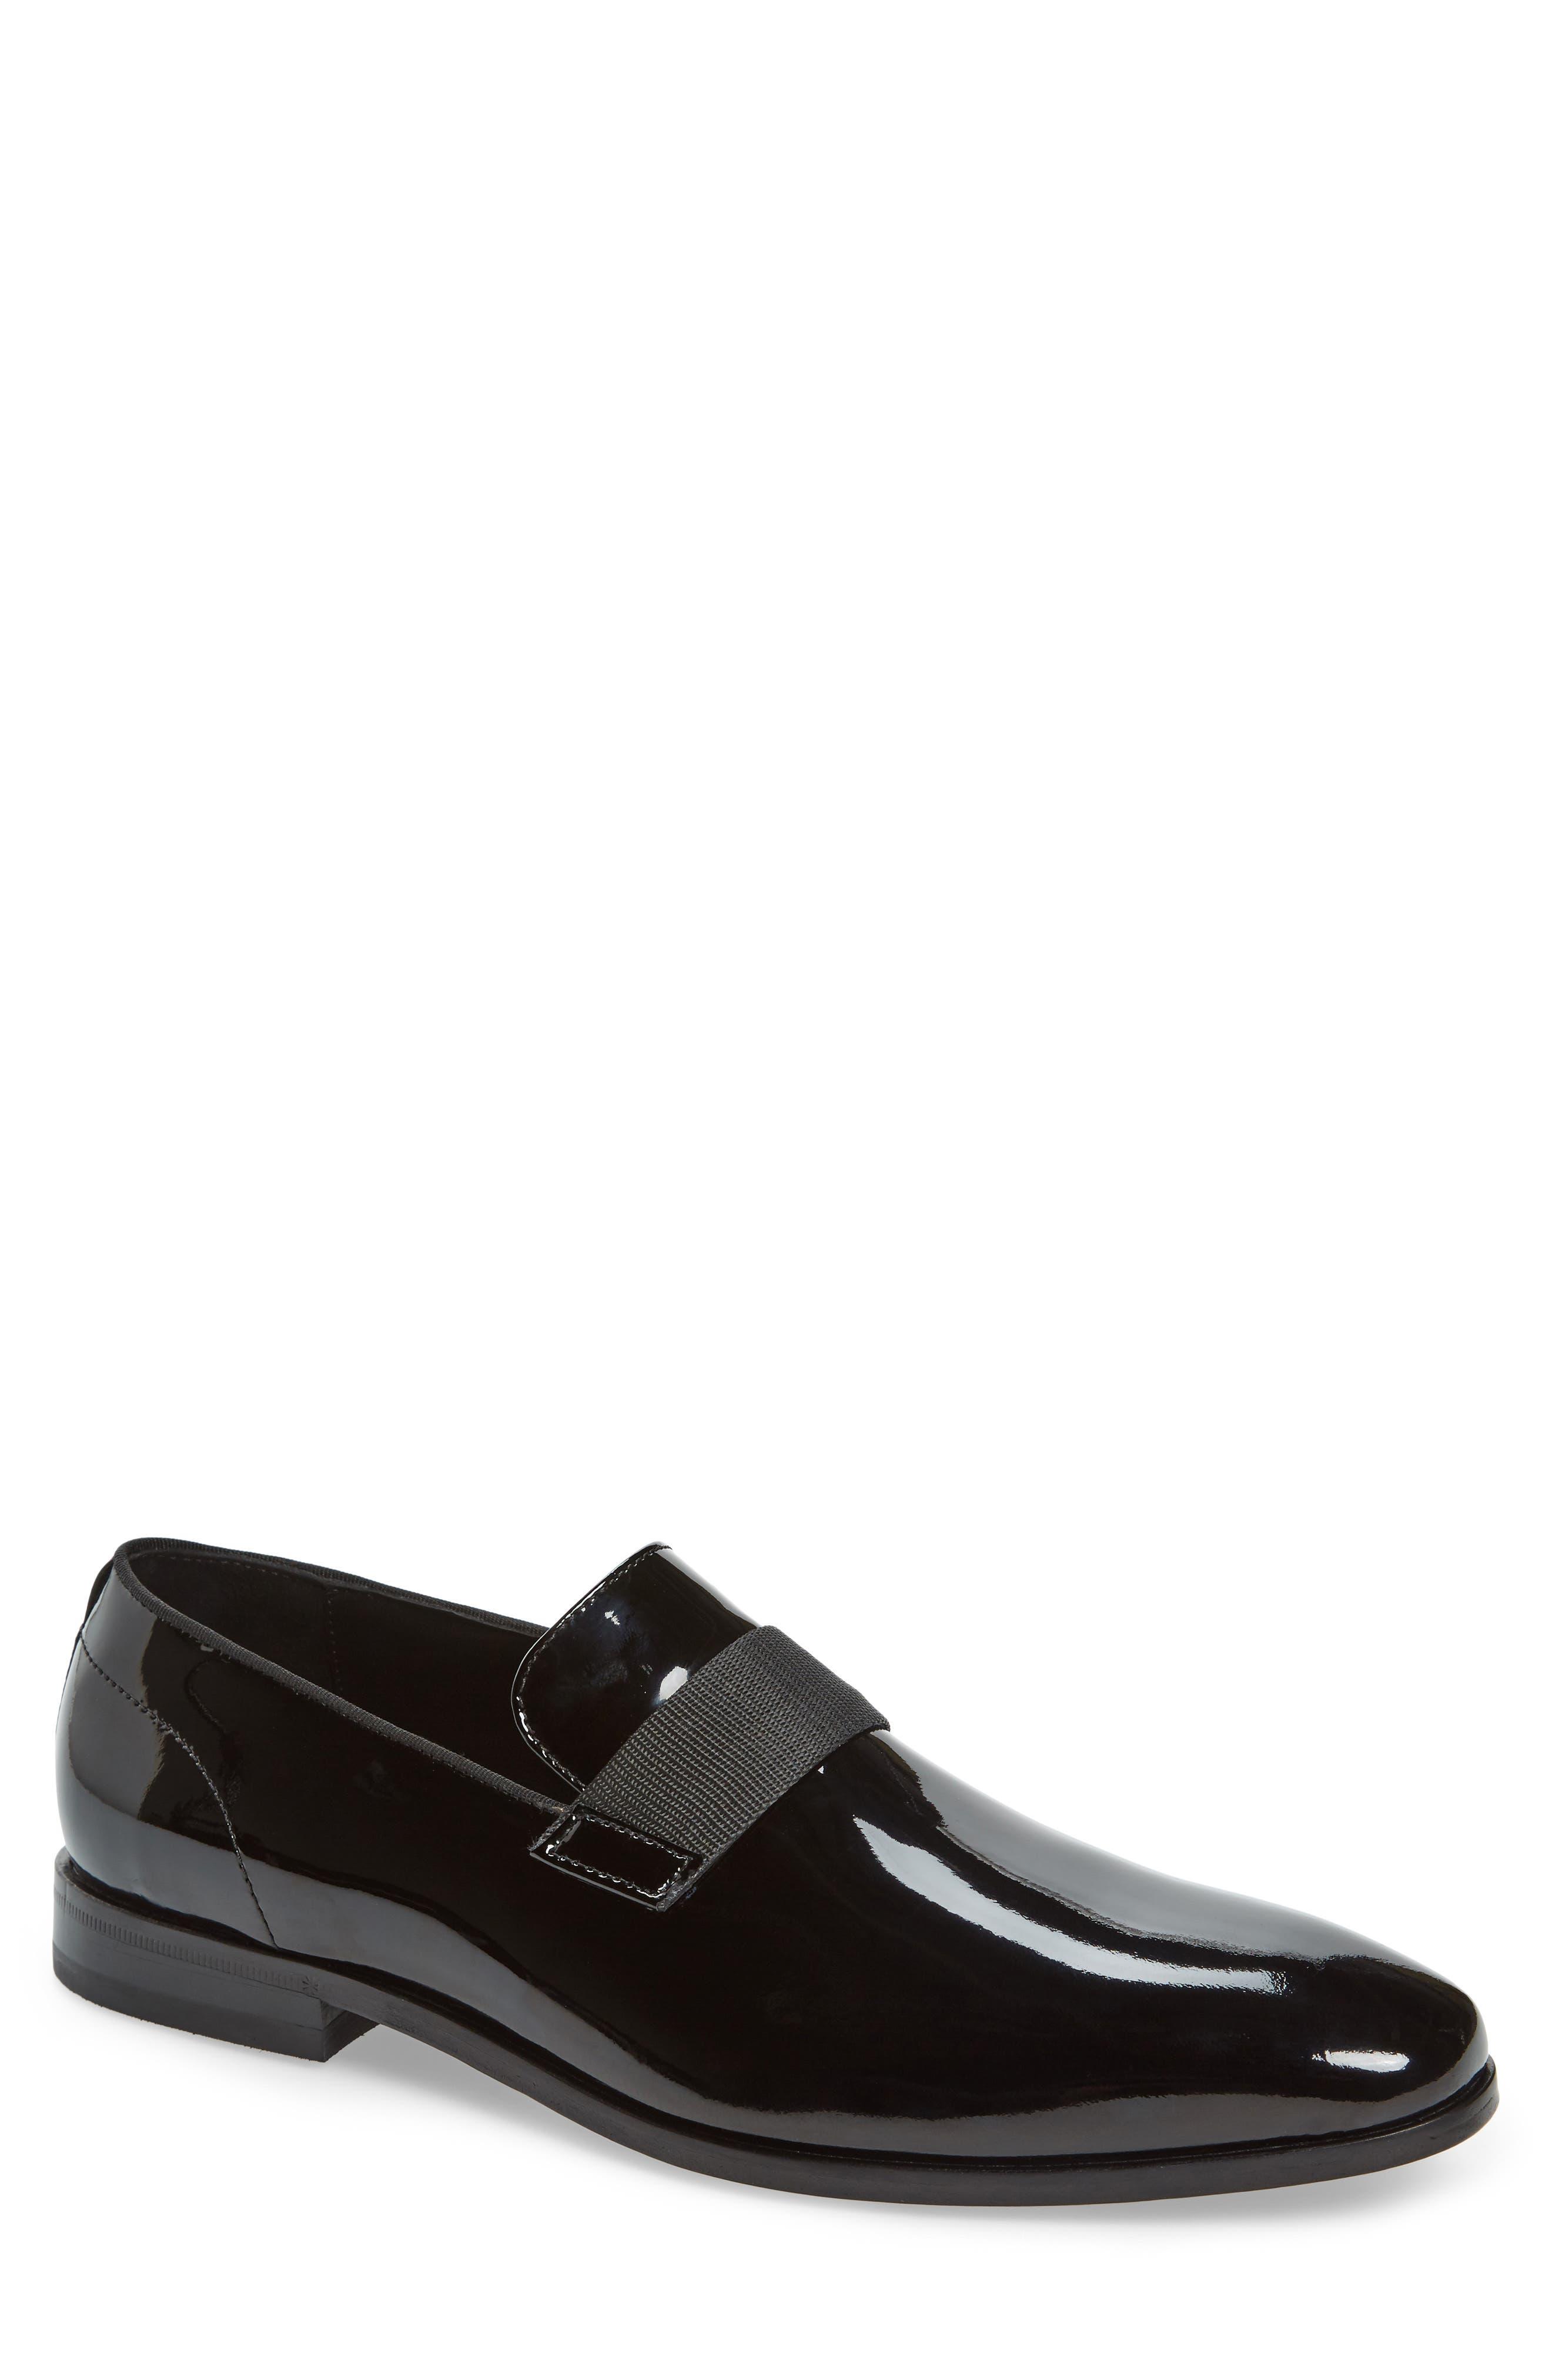 BOSS Formal Loafer (Men)